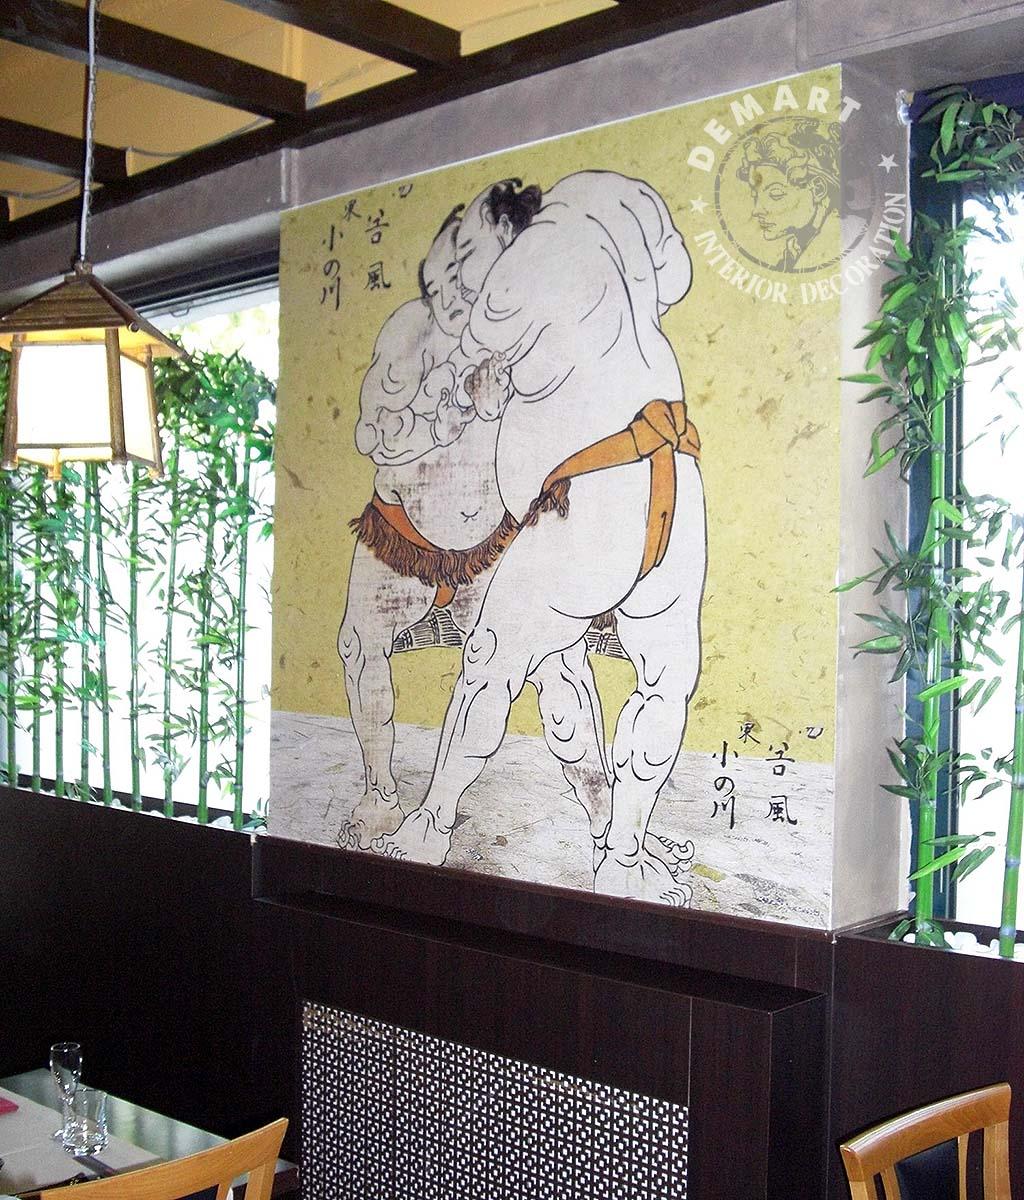 Decorazione pareti interne ristorante giapponese sakura 5 demart interior decoration - Decorazione pareti interne ...